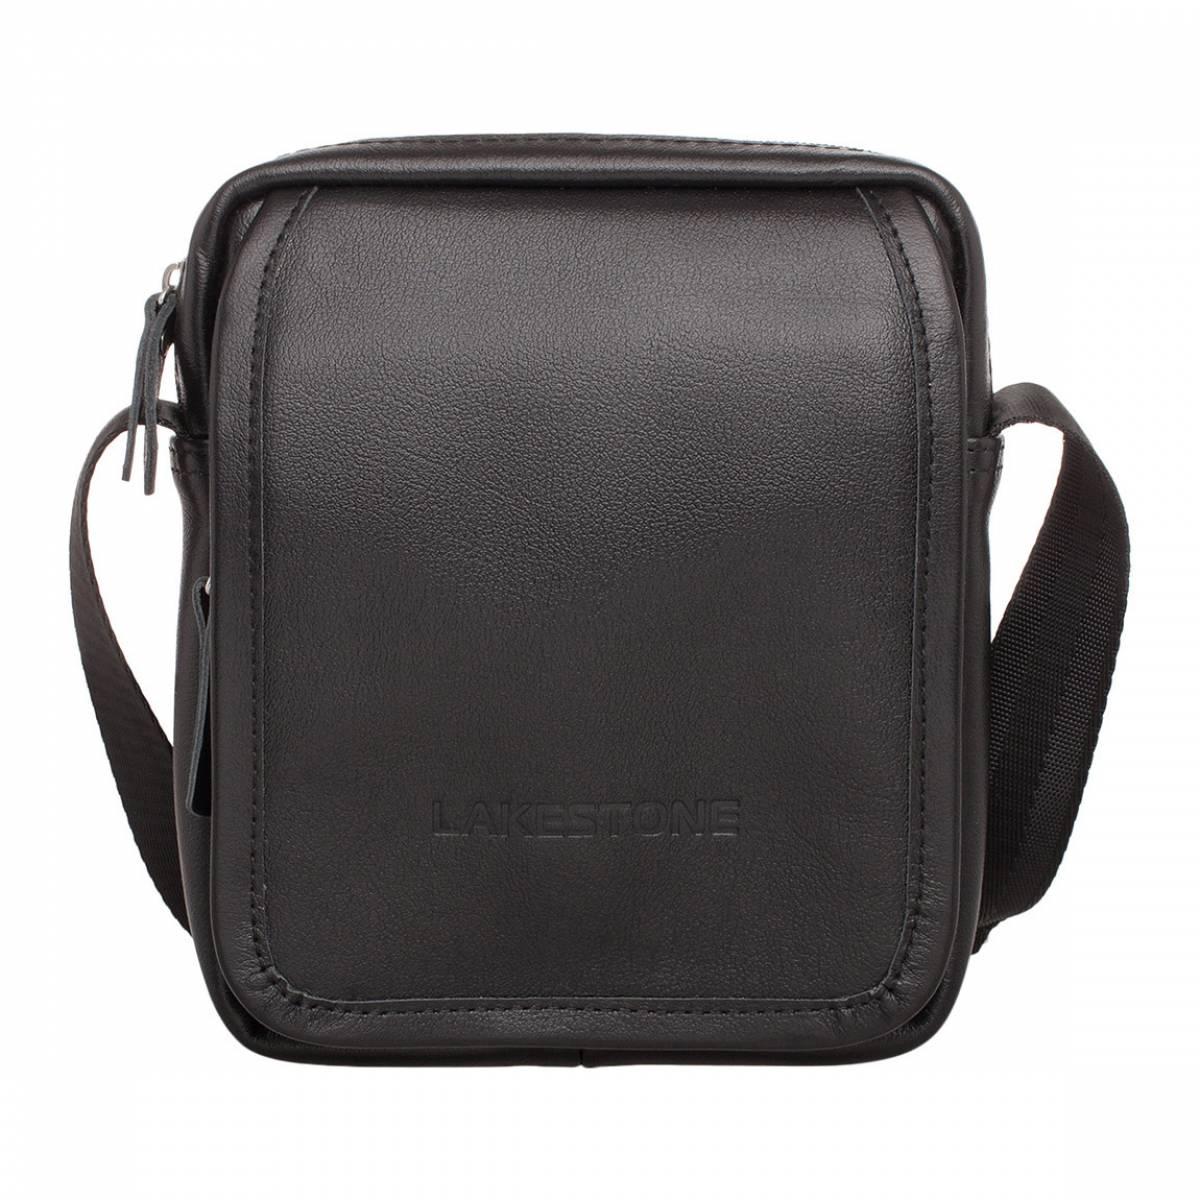 Небольшая кожаная сумка через плечо Parker Black Lakestone